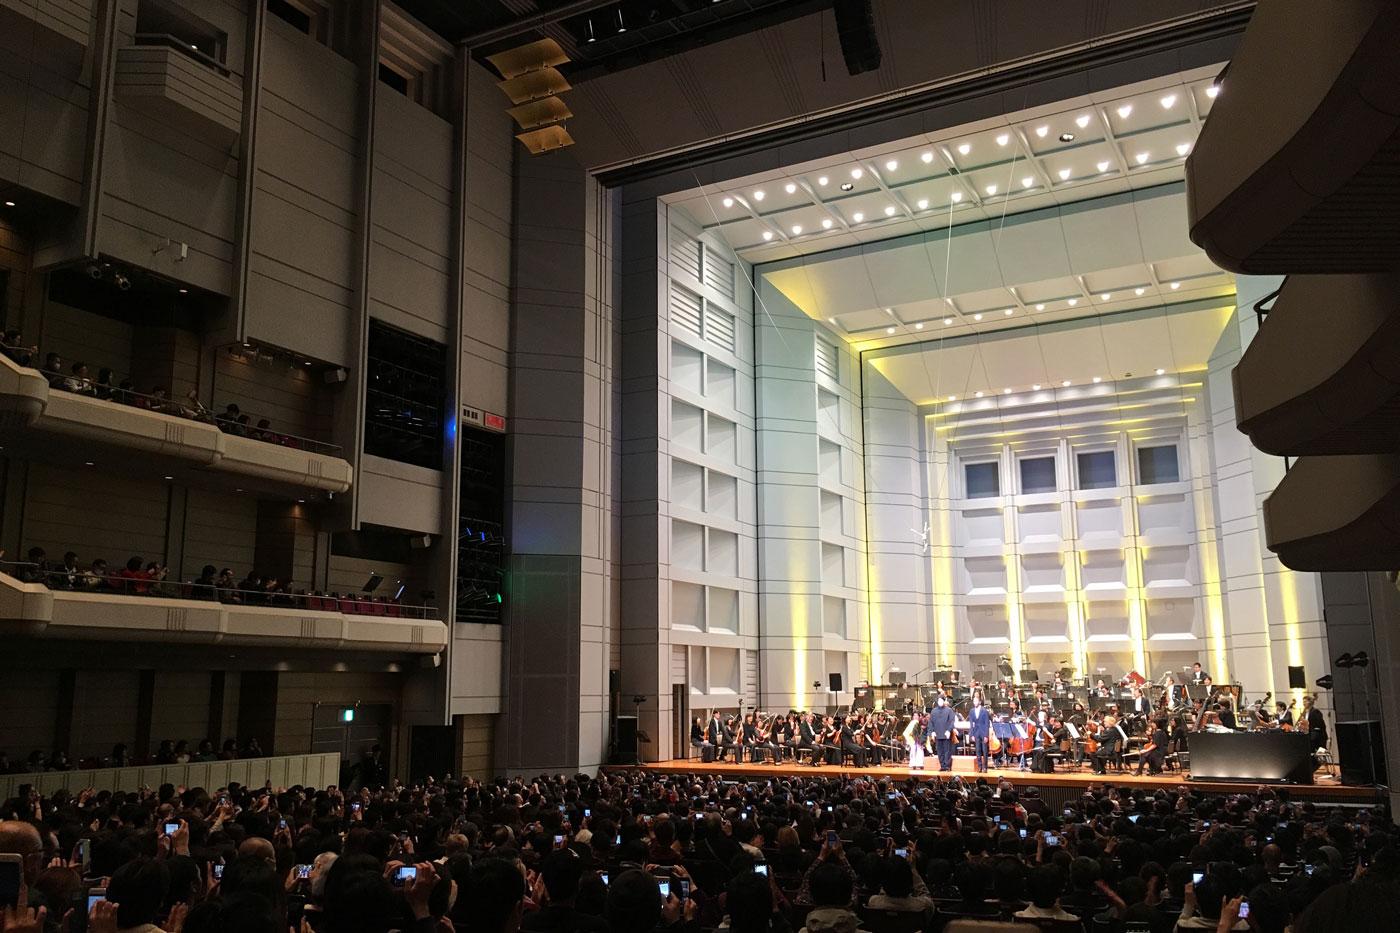 ジェフ・ミルズ×東京フィルハーモニー交響楽団@Bunkamura オーチャードホール